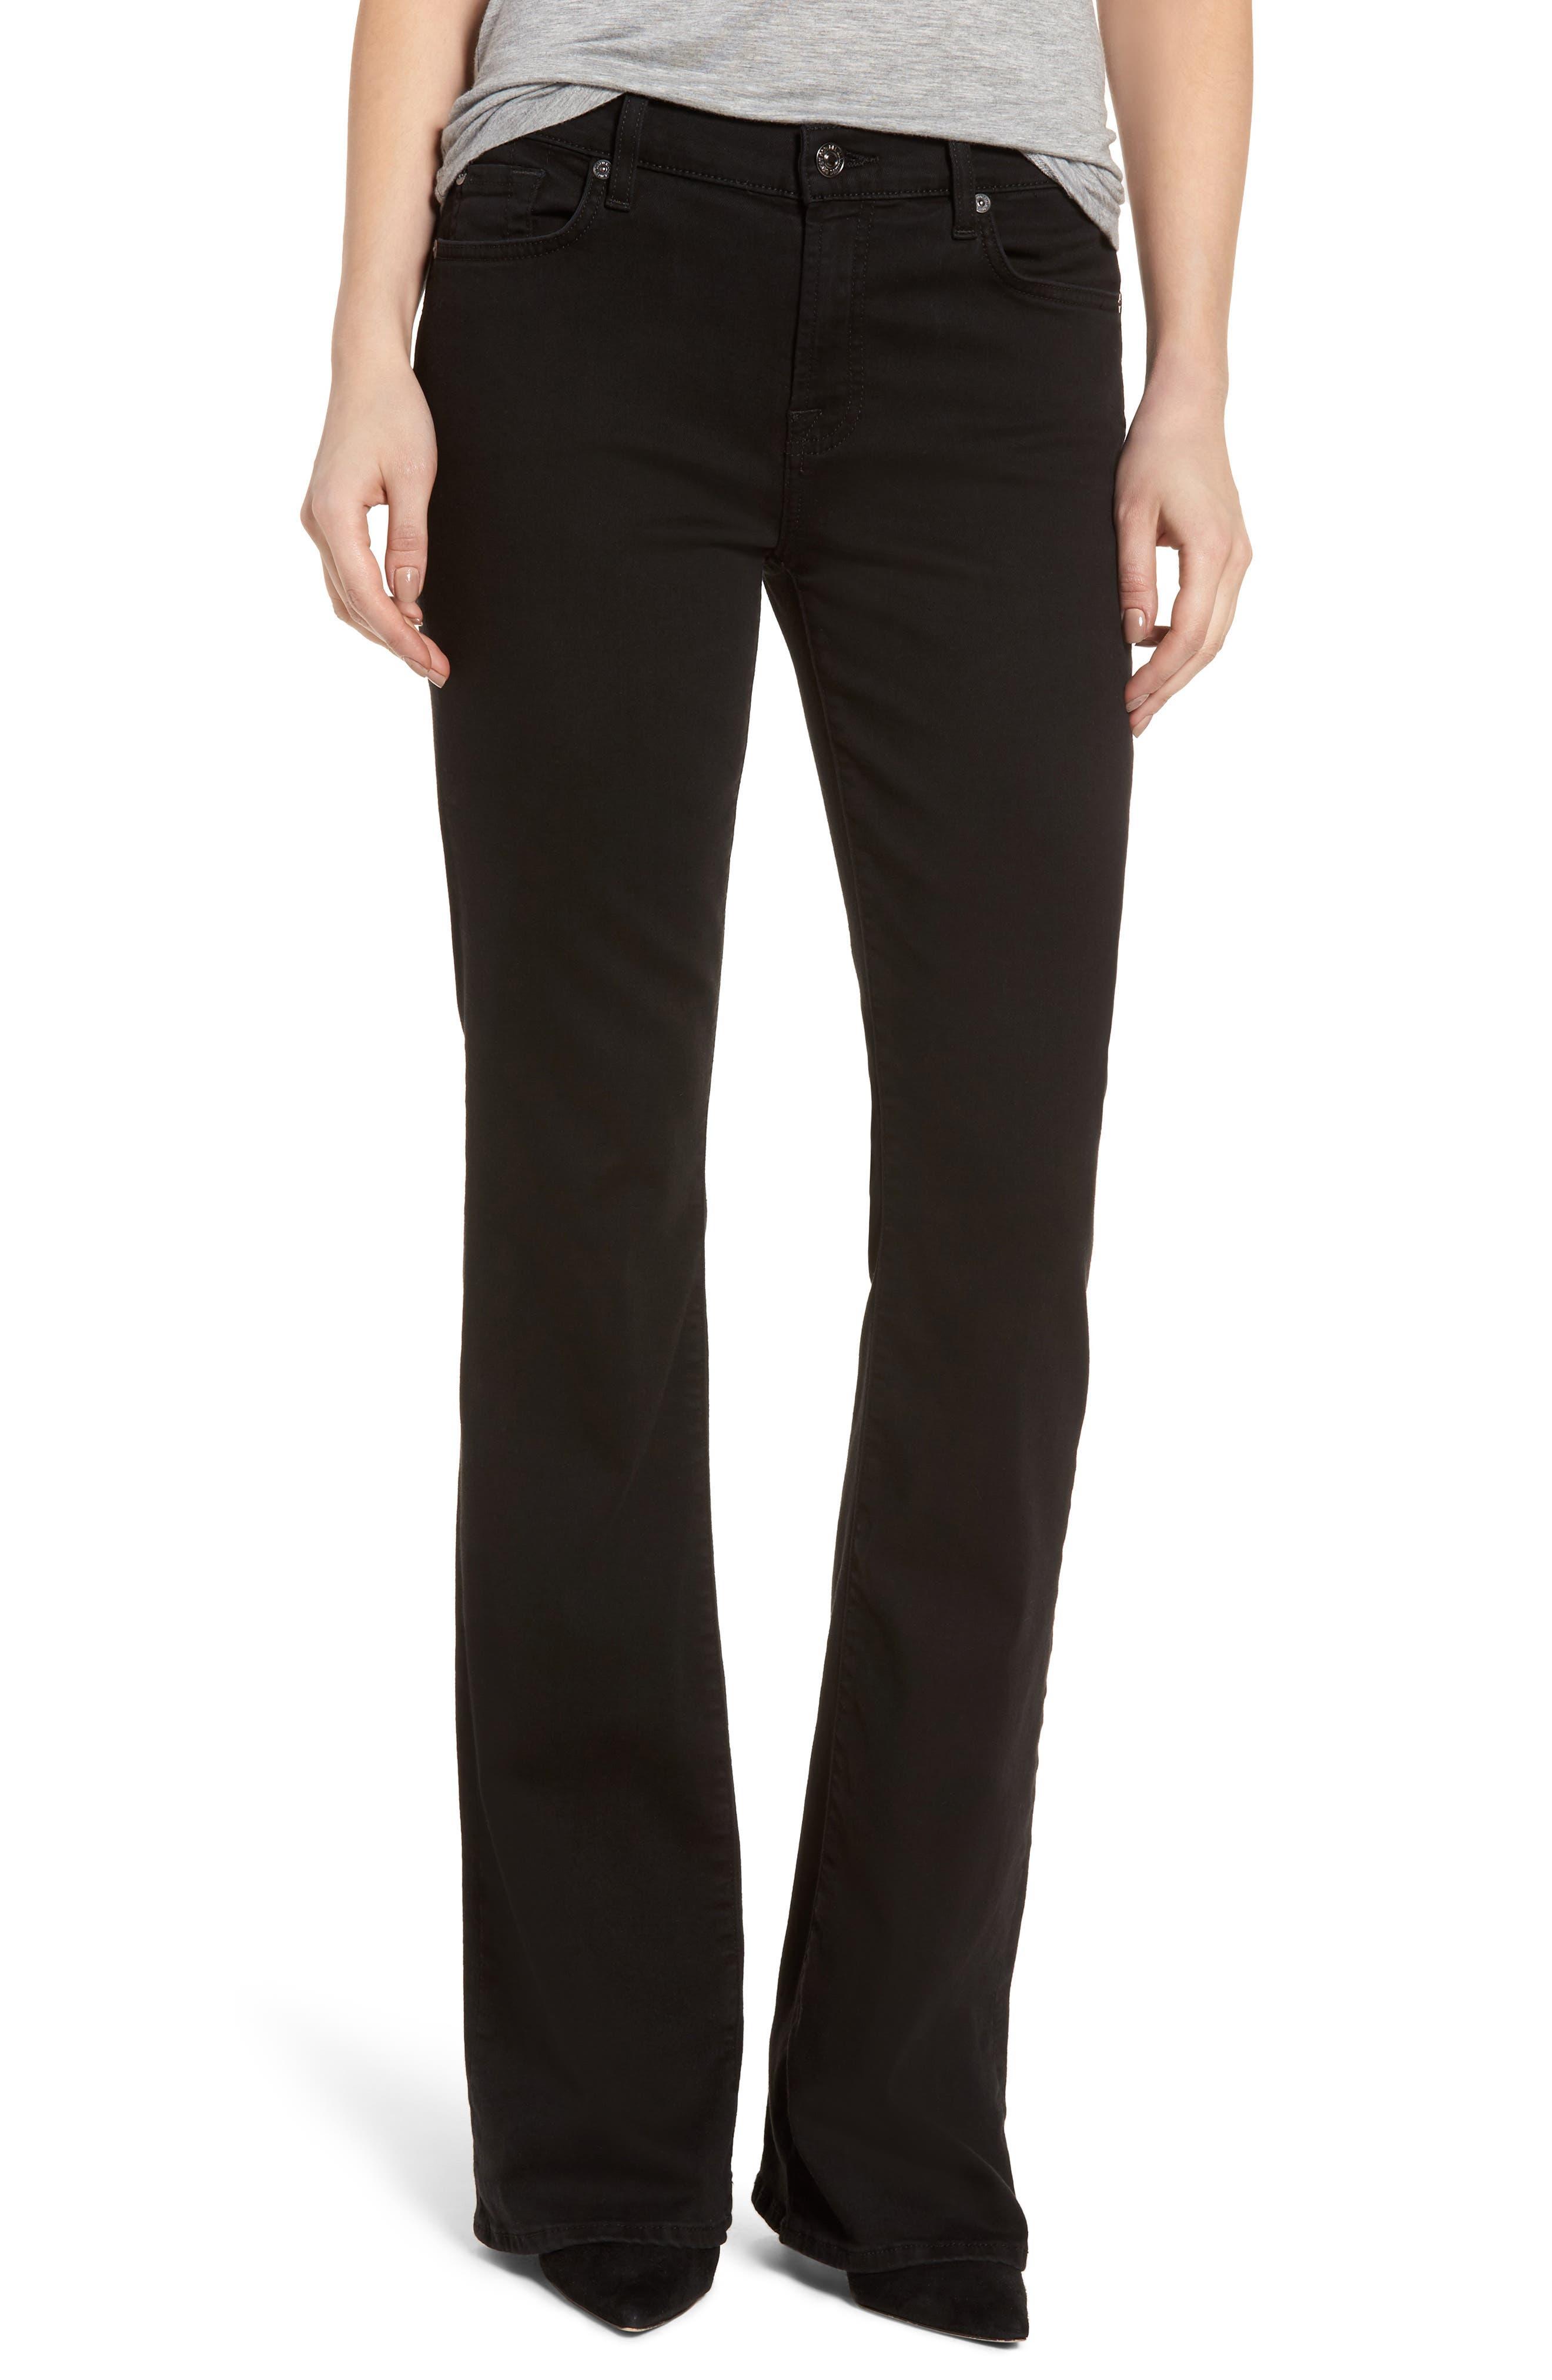 b(air) Bootcut Jeans,                             Main thumbnail 1, color,                             B(Air) Black